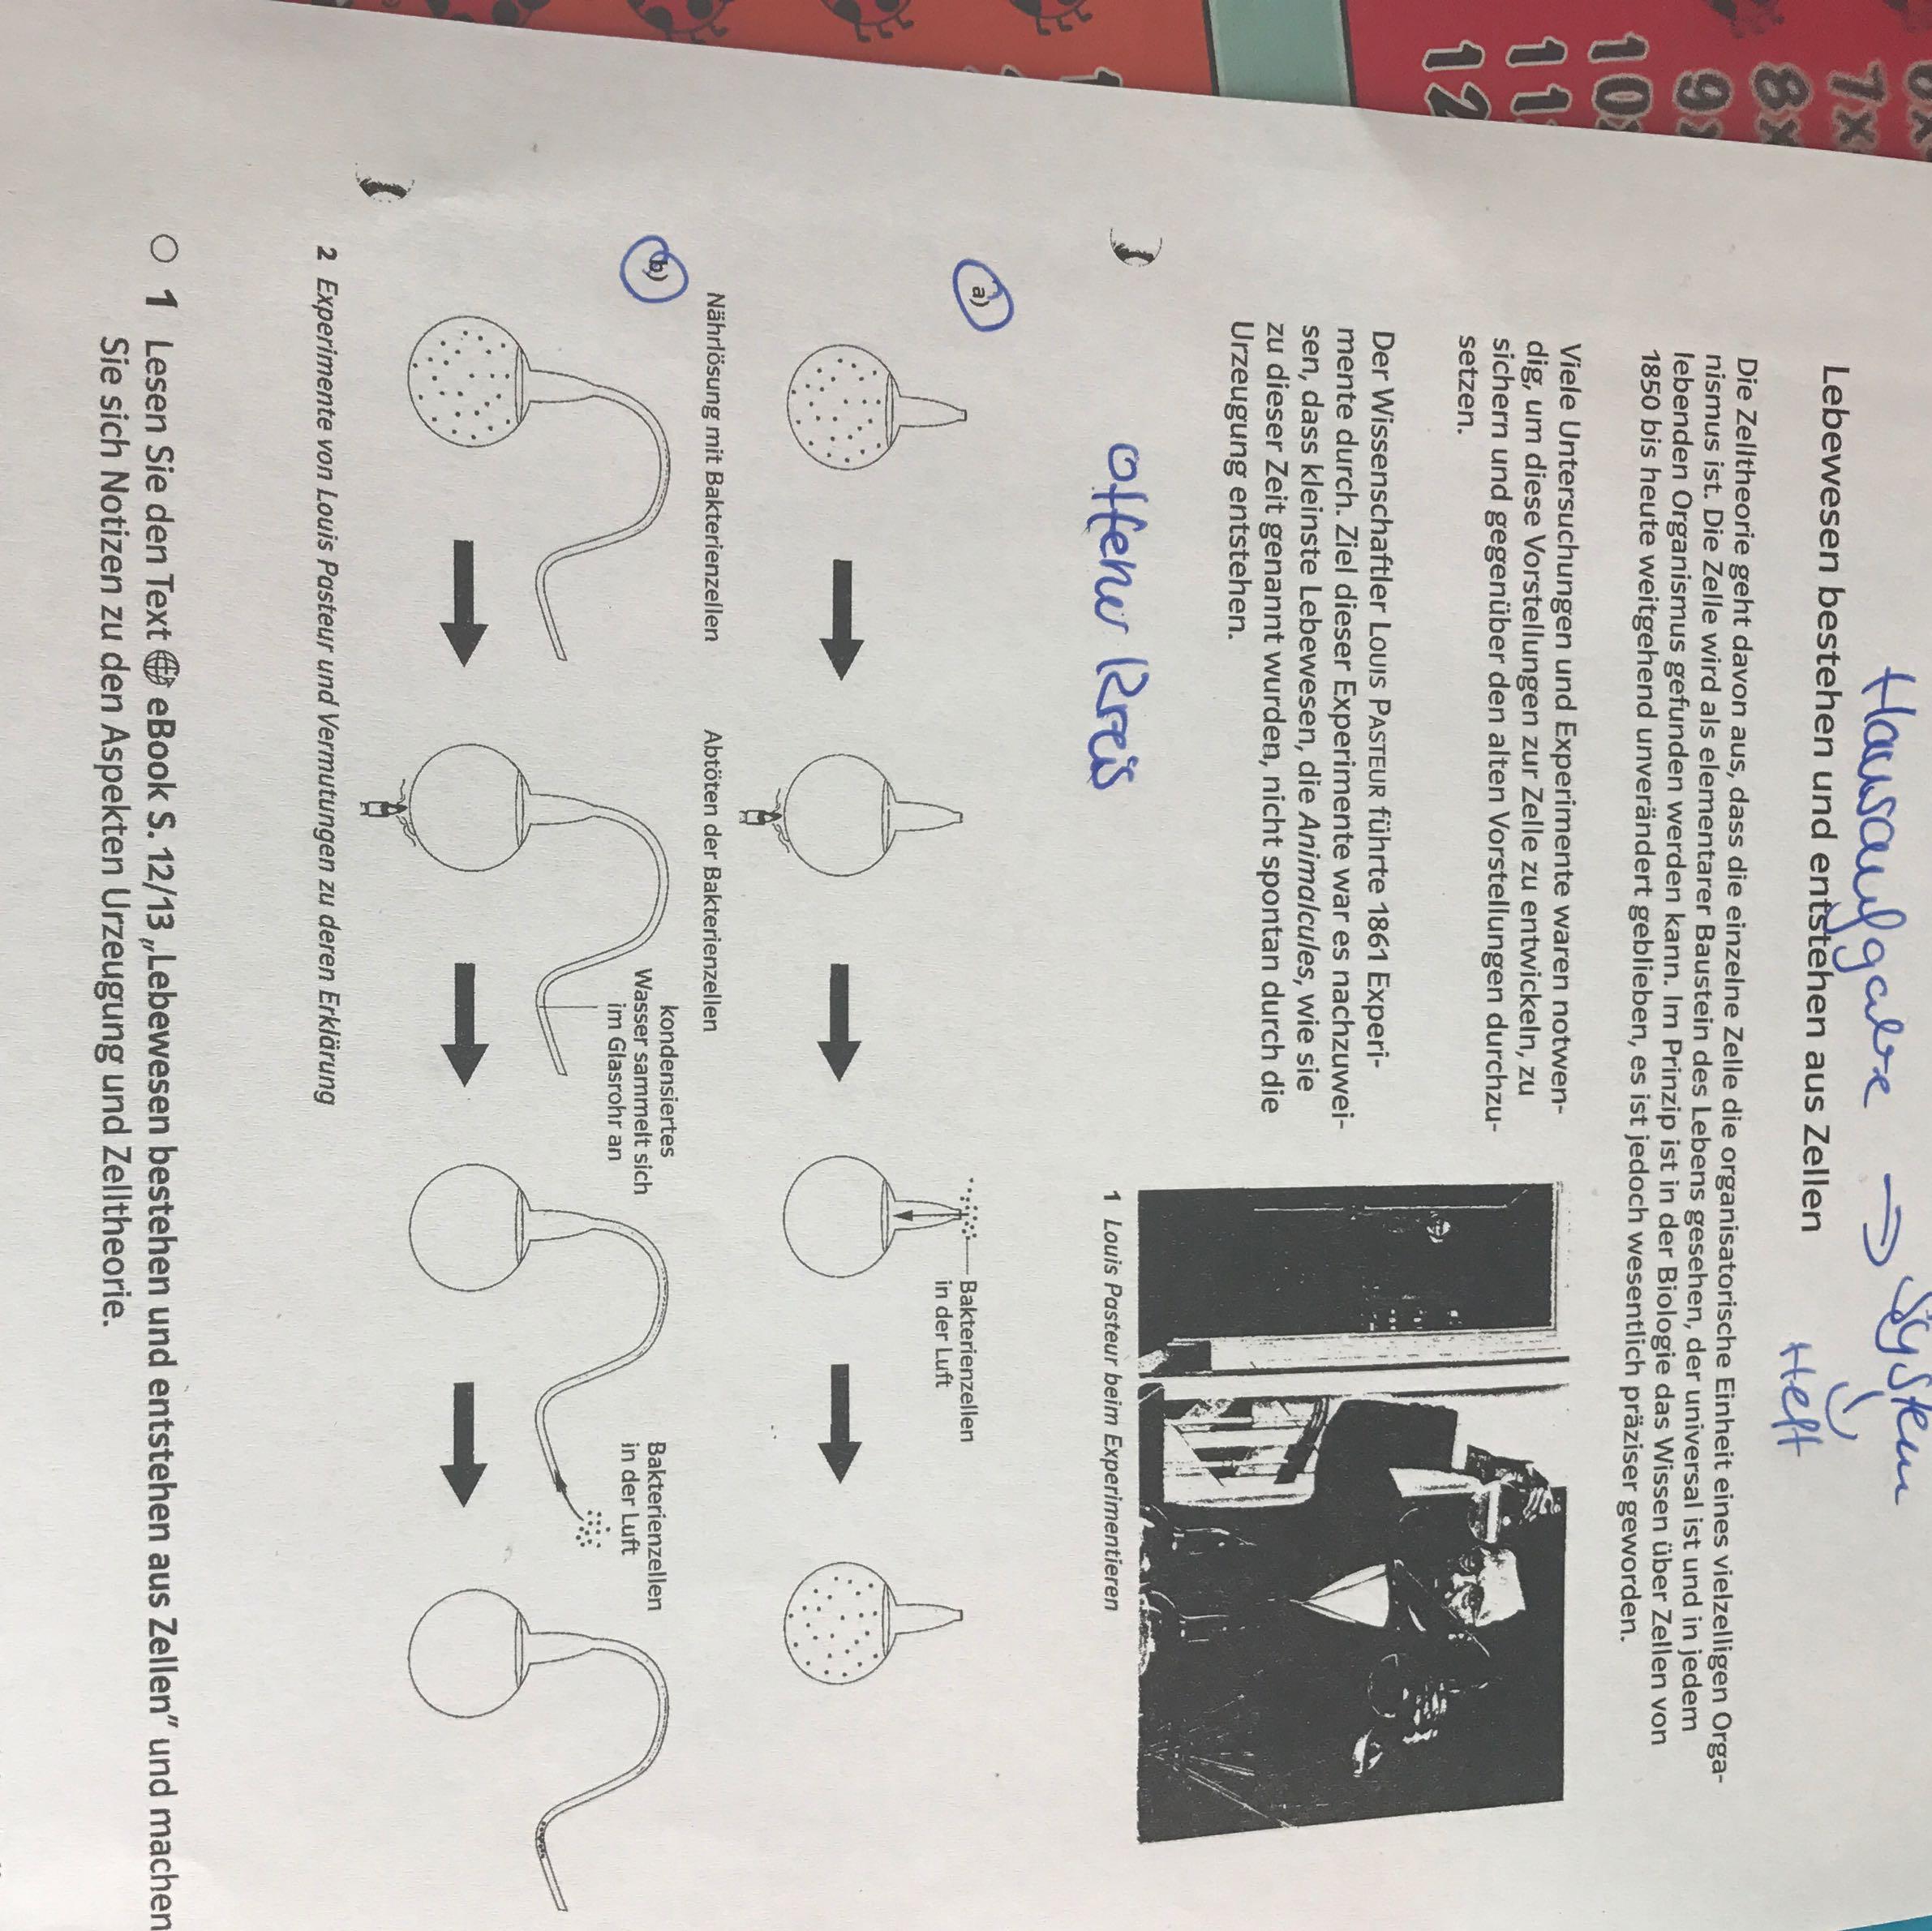 Biologie Hausaufgaben Hilfe? (Schule, Bio, Oberstufe)